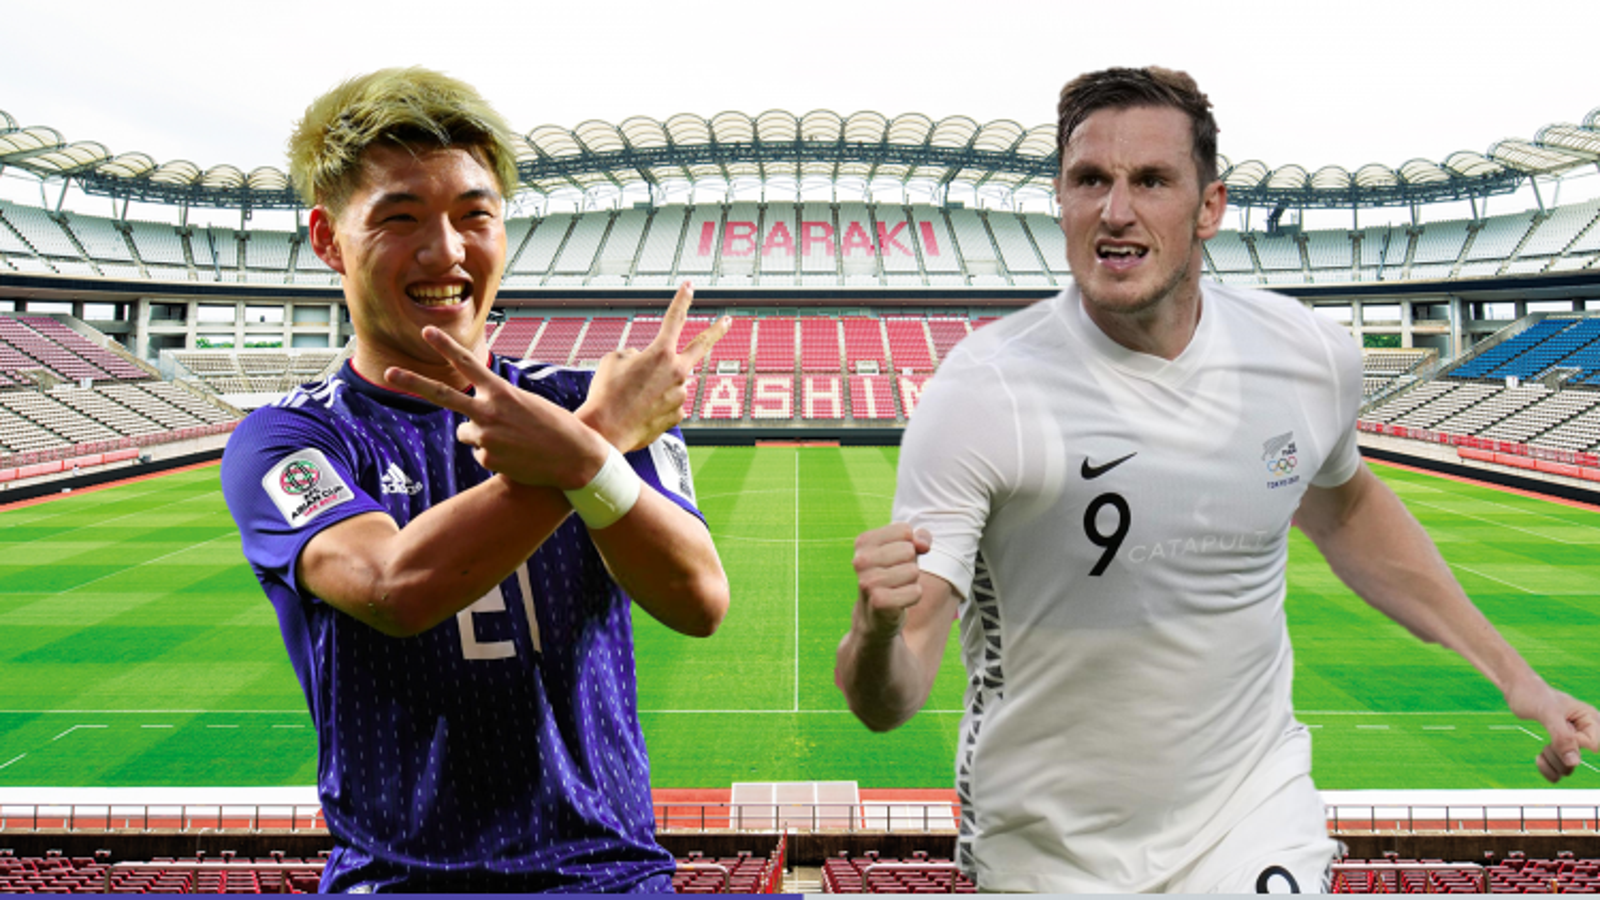 Dự đoán tỷ số, đội hình xuất phát trận Nhật Bản - New Zealand